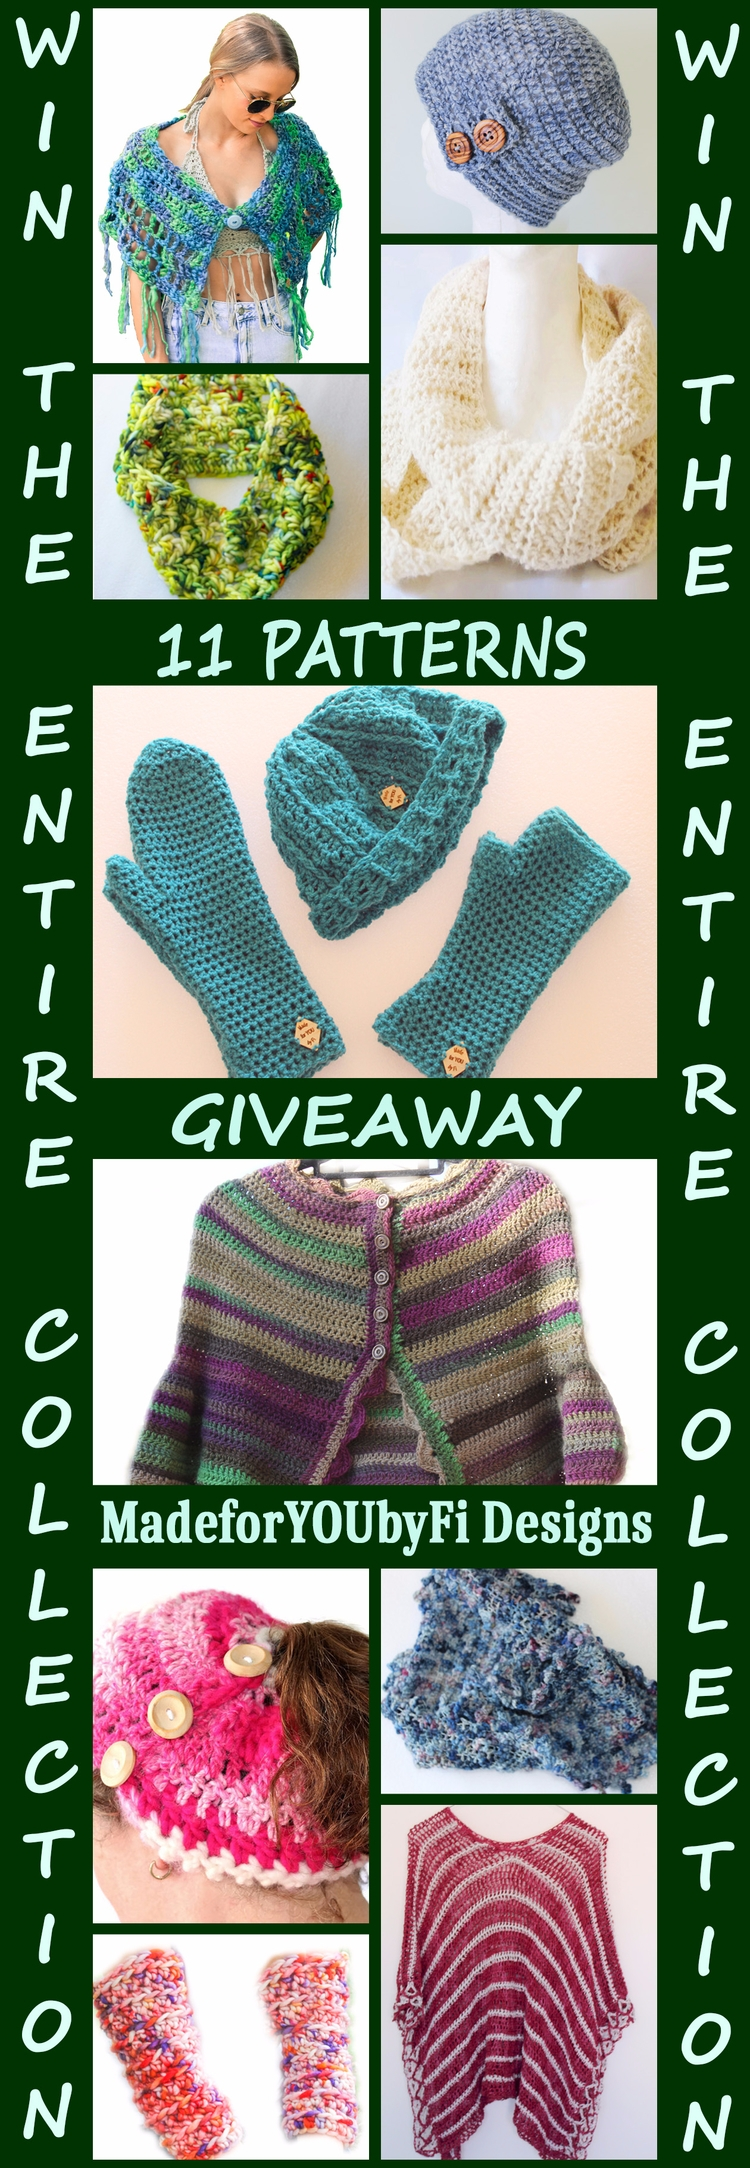 GIVEAWAY - giveaway, crochetpatterns - madeforyoubyfi | ello